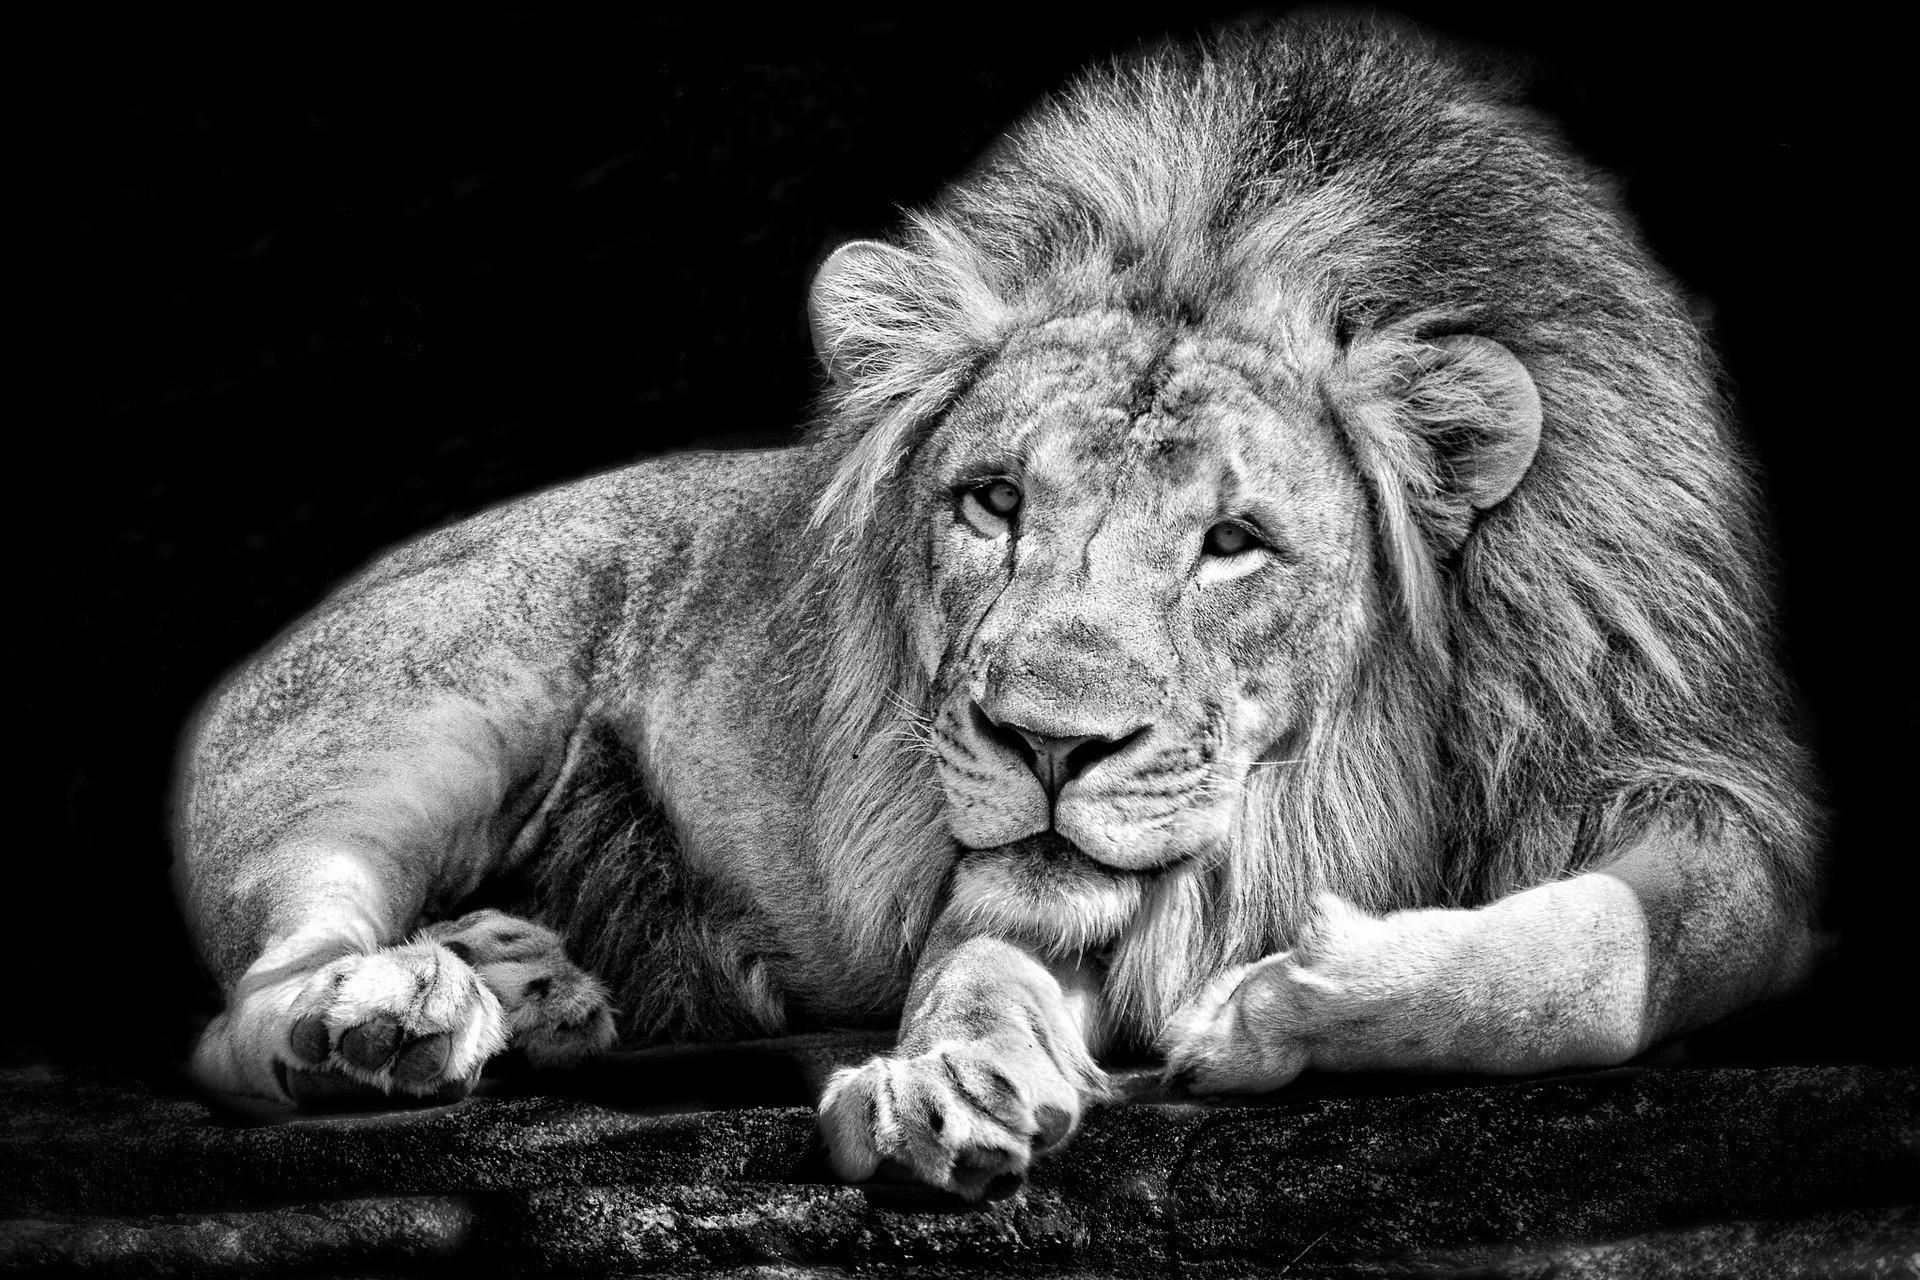 monochrome Animals Lion Black White Wallpapers HD Desktop 1920x1280